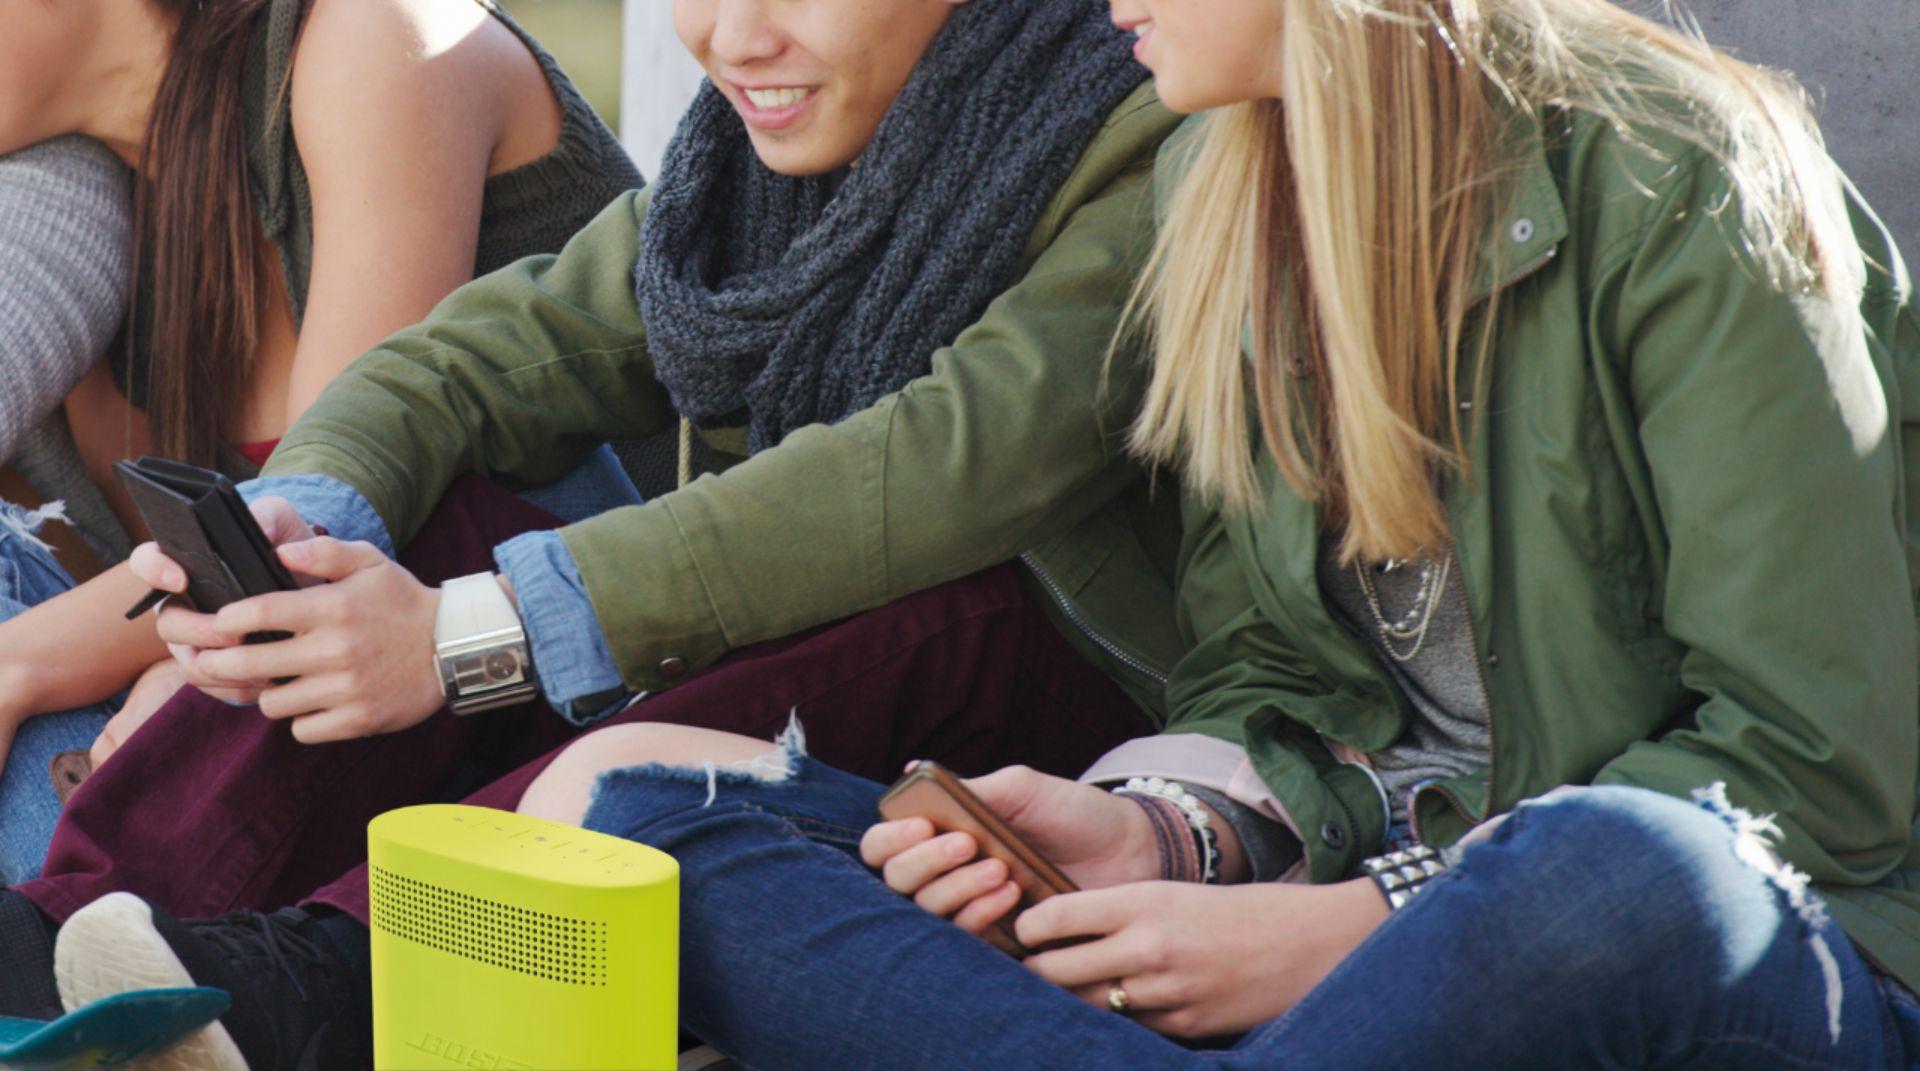 Mimořádná akce Bose! Sada bezdrátového reproduktoru a sluchátek zlevňuje o 40 %